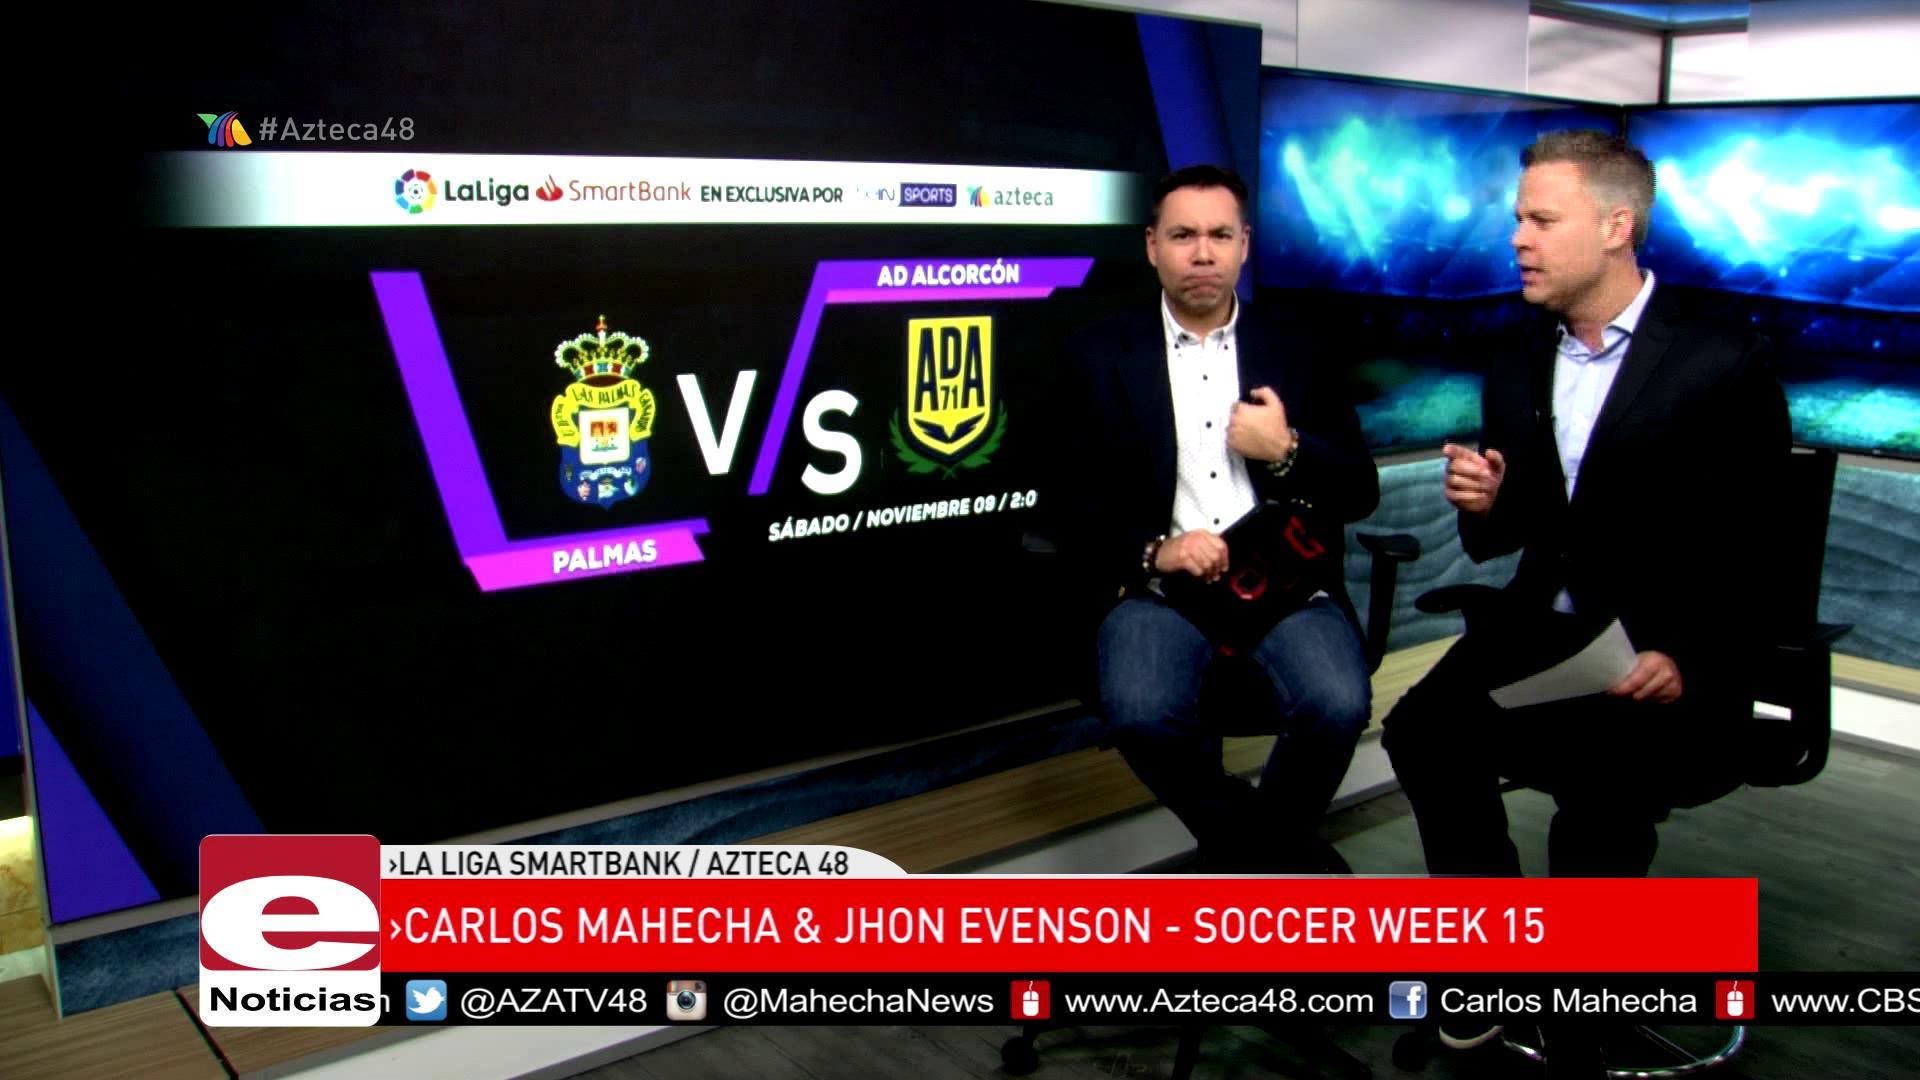 La Liga Smartbank semana 15 por Azteca 48!!!